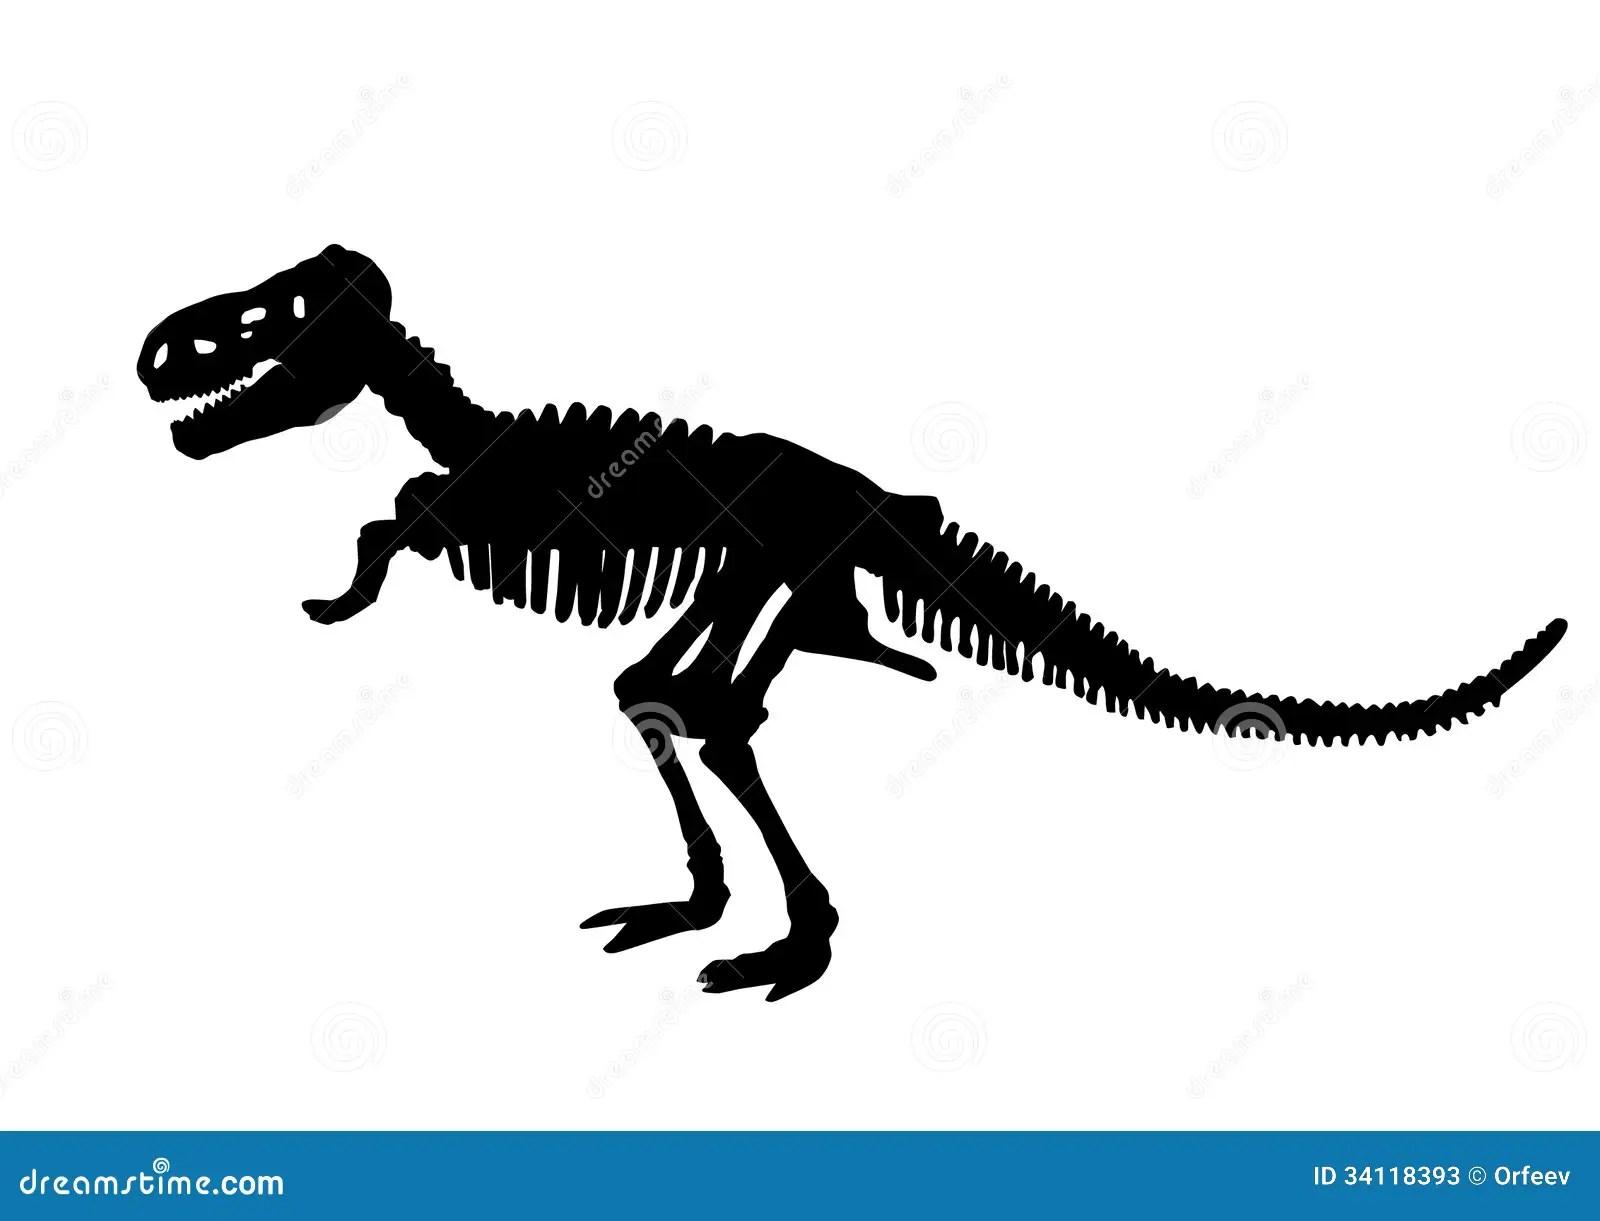 Dinosaur Skeleton Silhouette Stock Vector